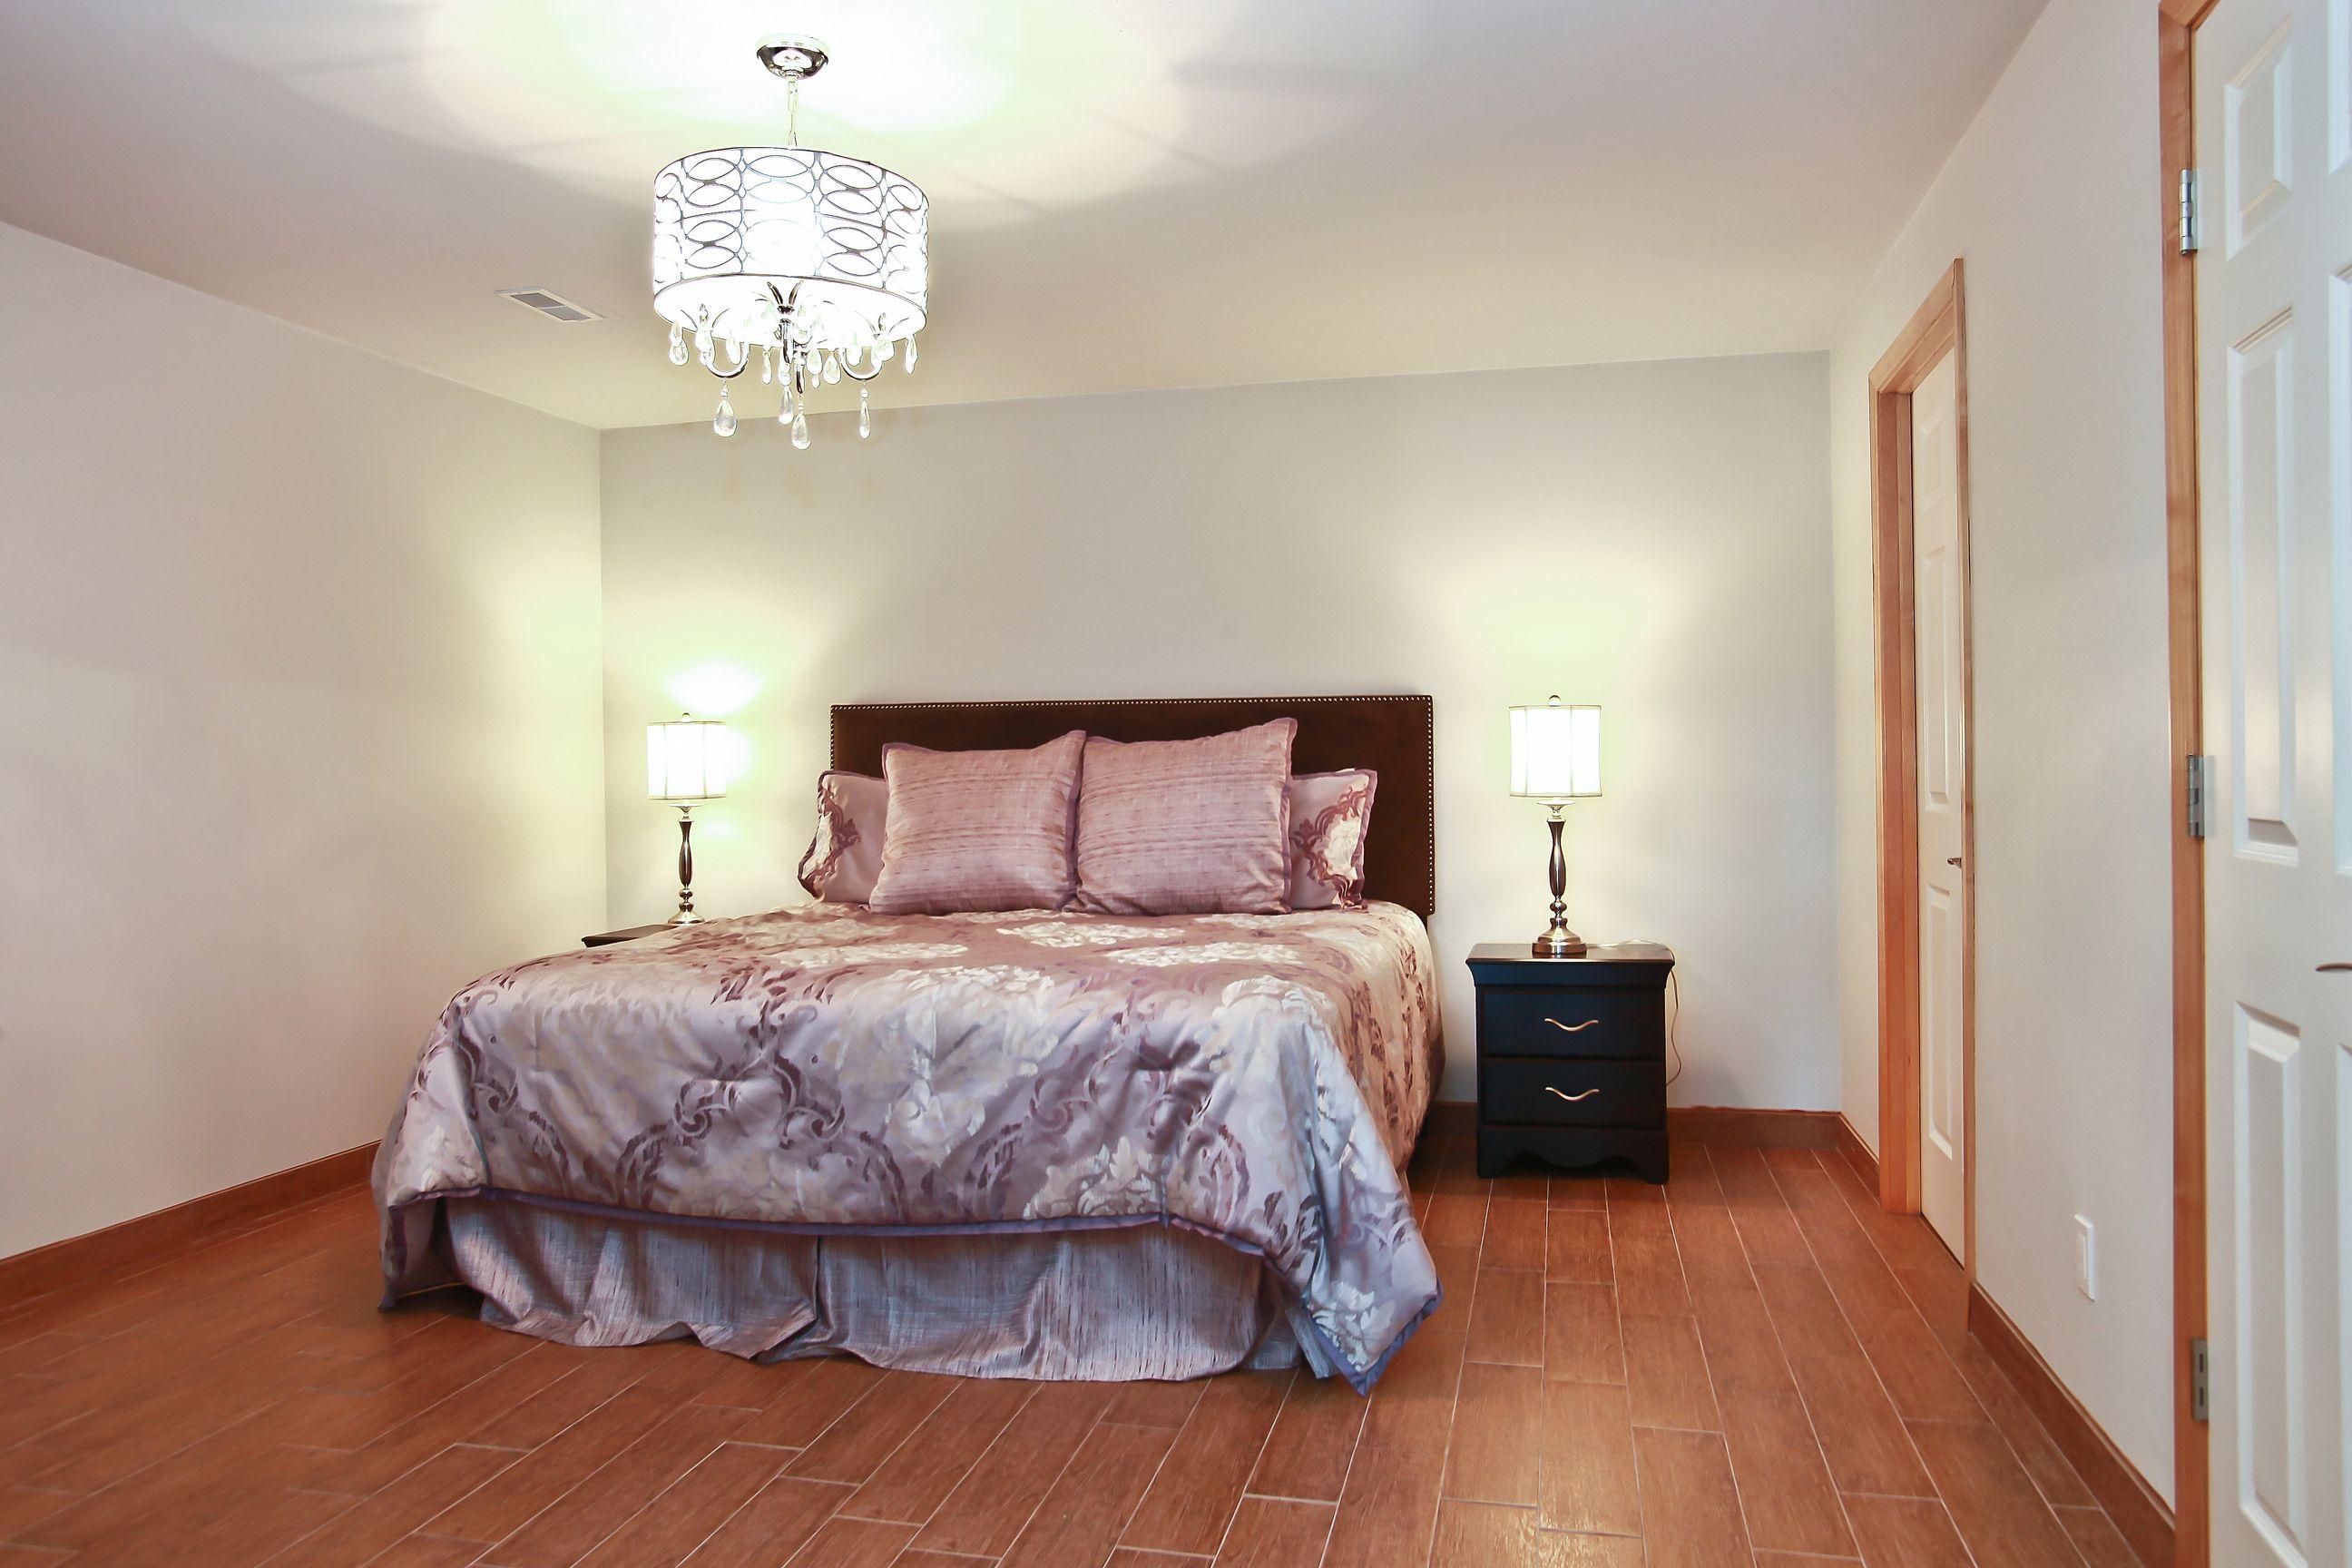 18_W5619WestshoreDrive_18003_Bedroom_HiRes.jpg